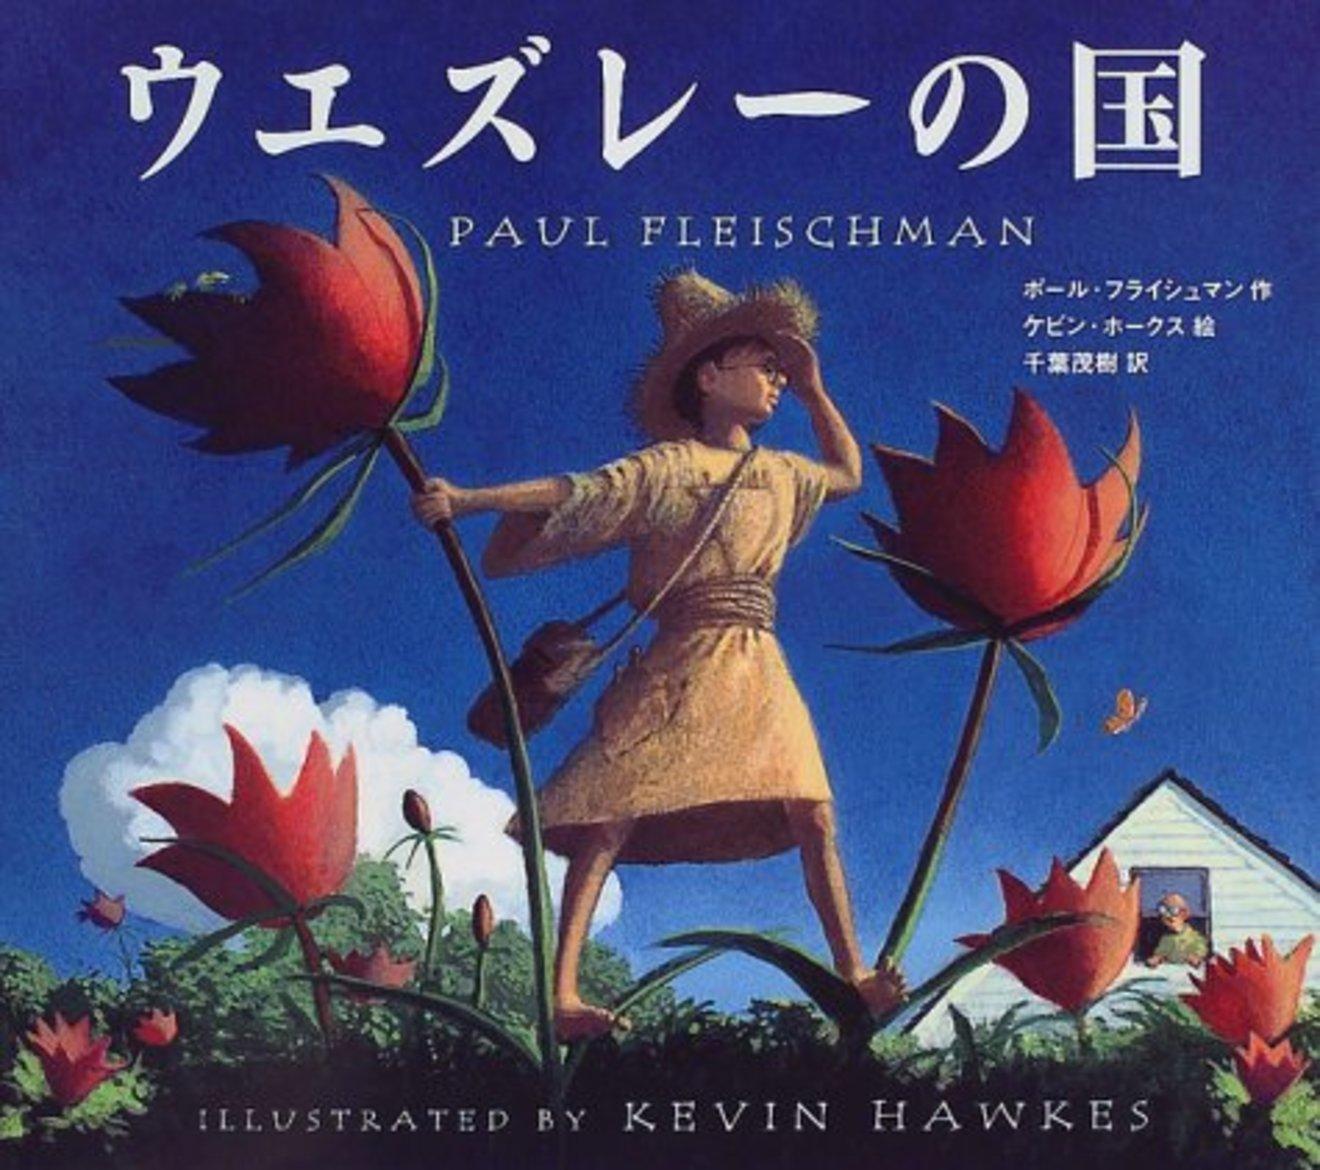 9歳におすすめの絵本〜児童書5選!読書が楽しくなる作品